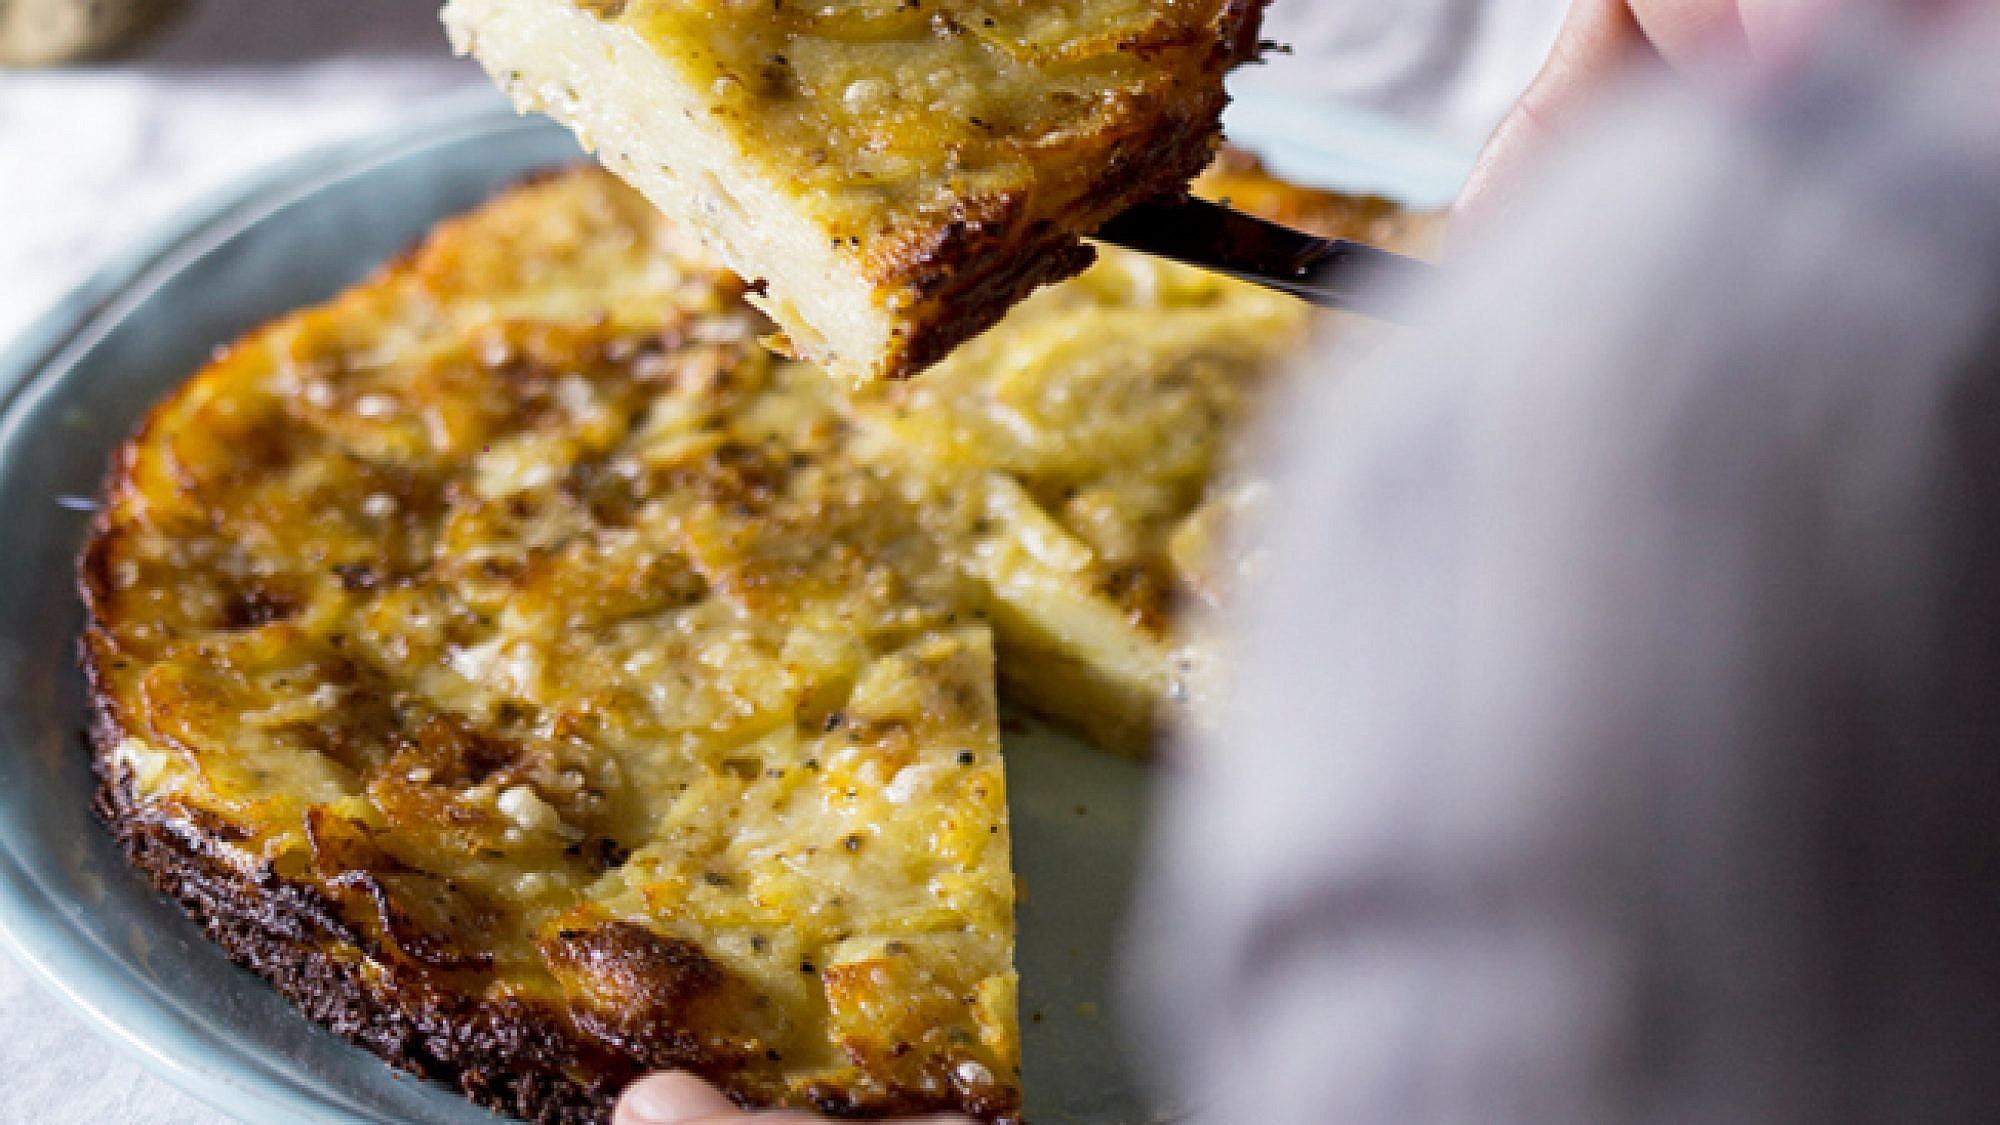 גראטן תפוחי אדמה ופורצ'יני. צילום: דן לב | סגנון: דלית רוסו